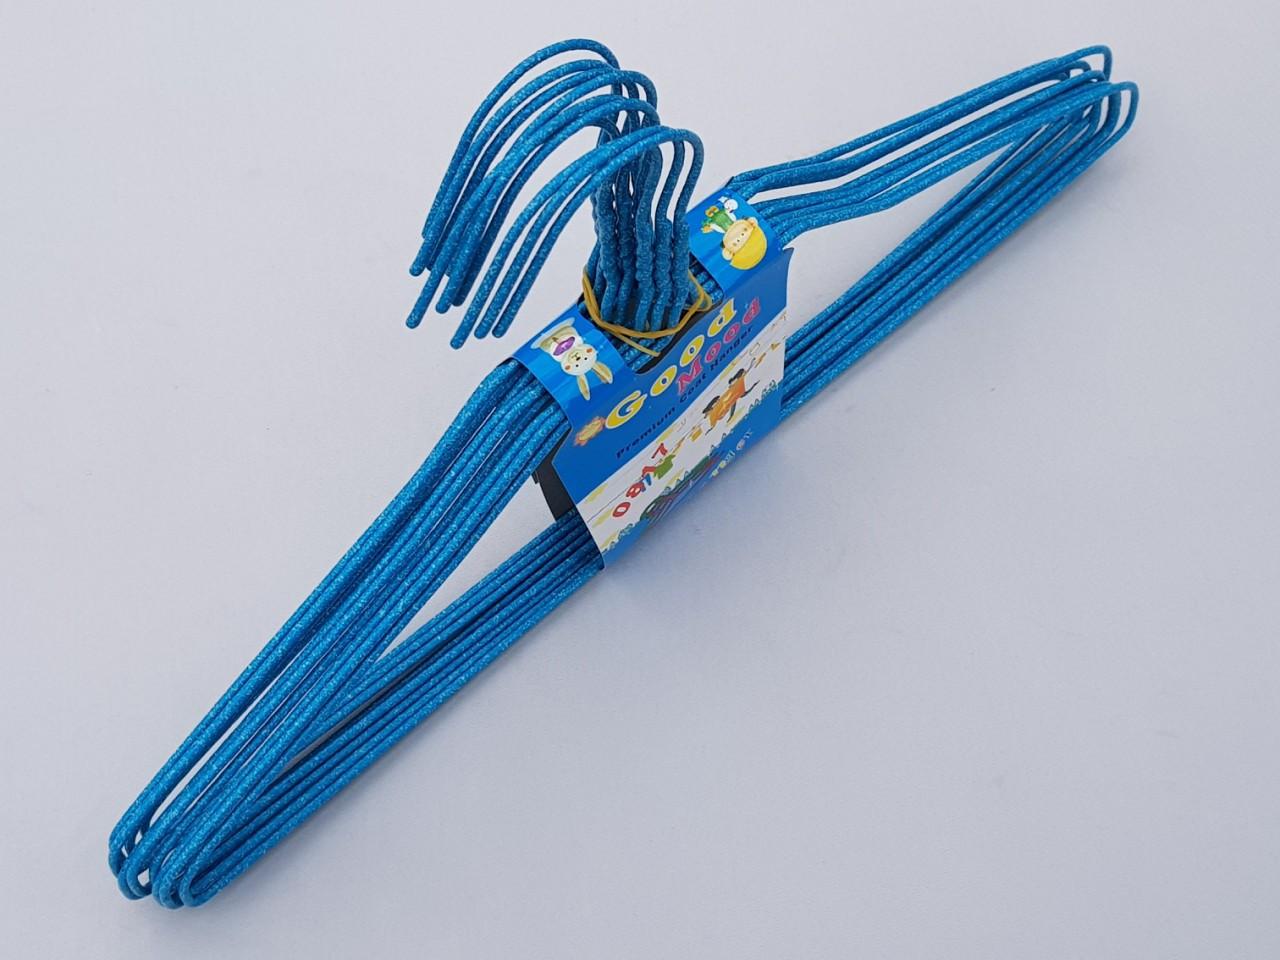 Плечики металлические проволочные в порошковой покраске голубого цвета, 38,5 см,10 штук в упаковке